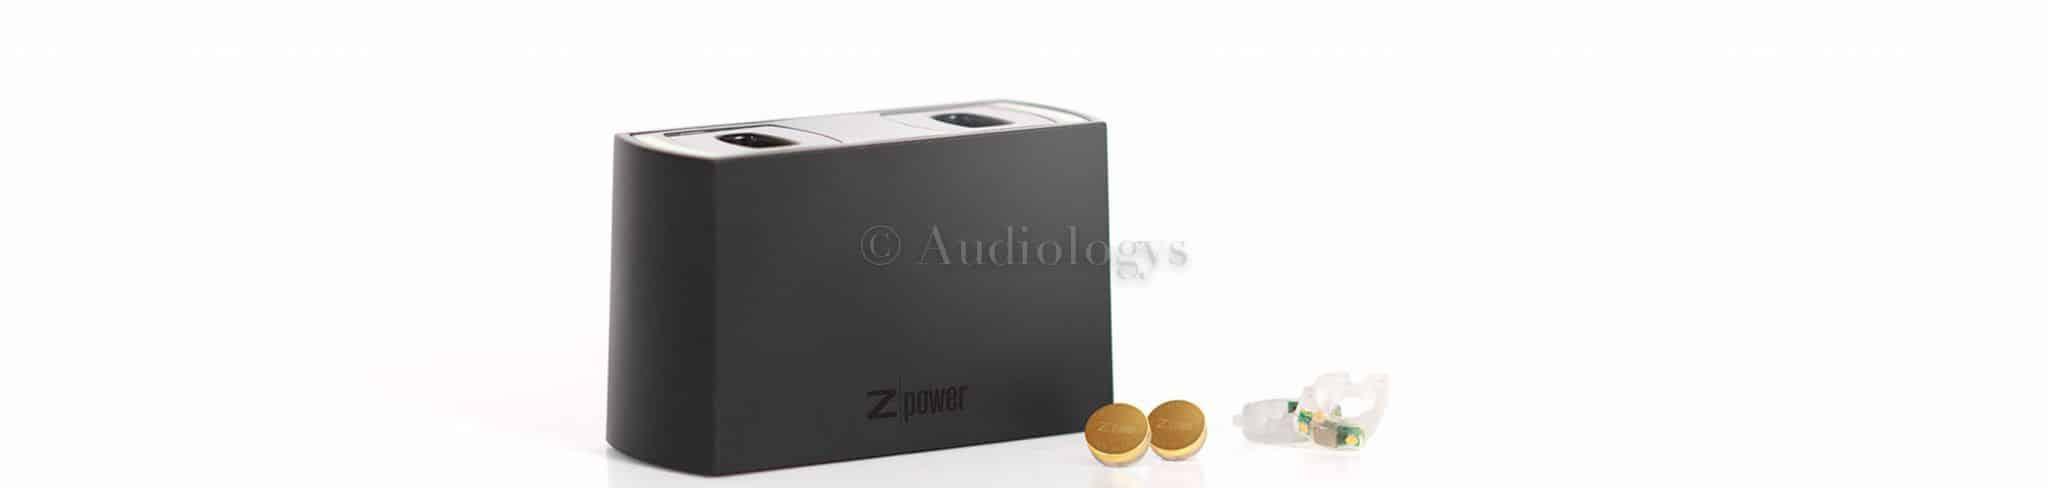 Chargeur Z power : la référence en matière d'audioprothèses rechargeables !!!